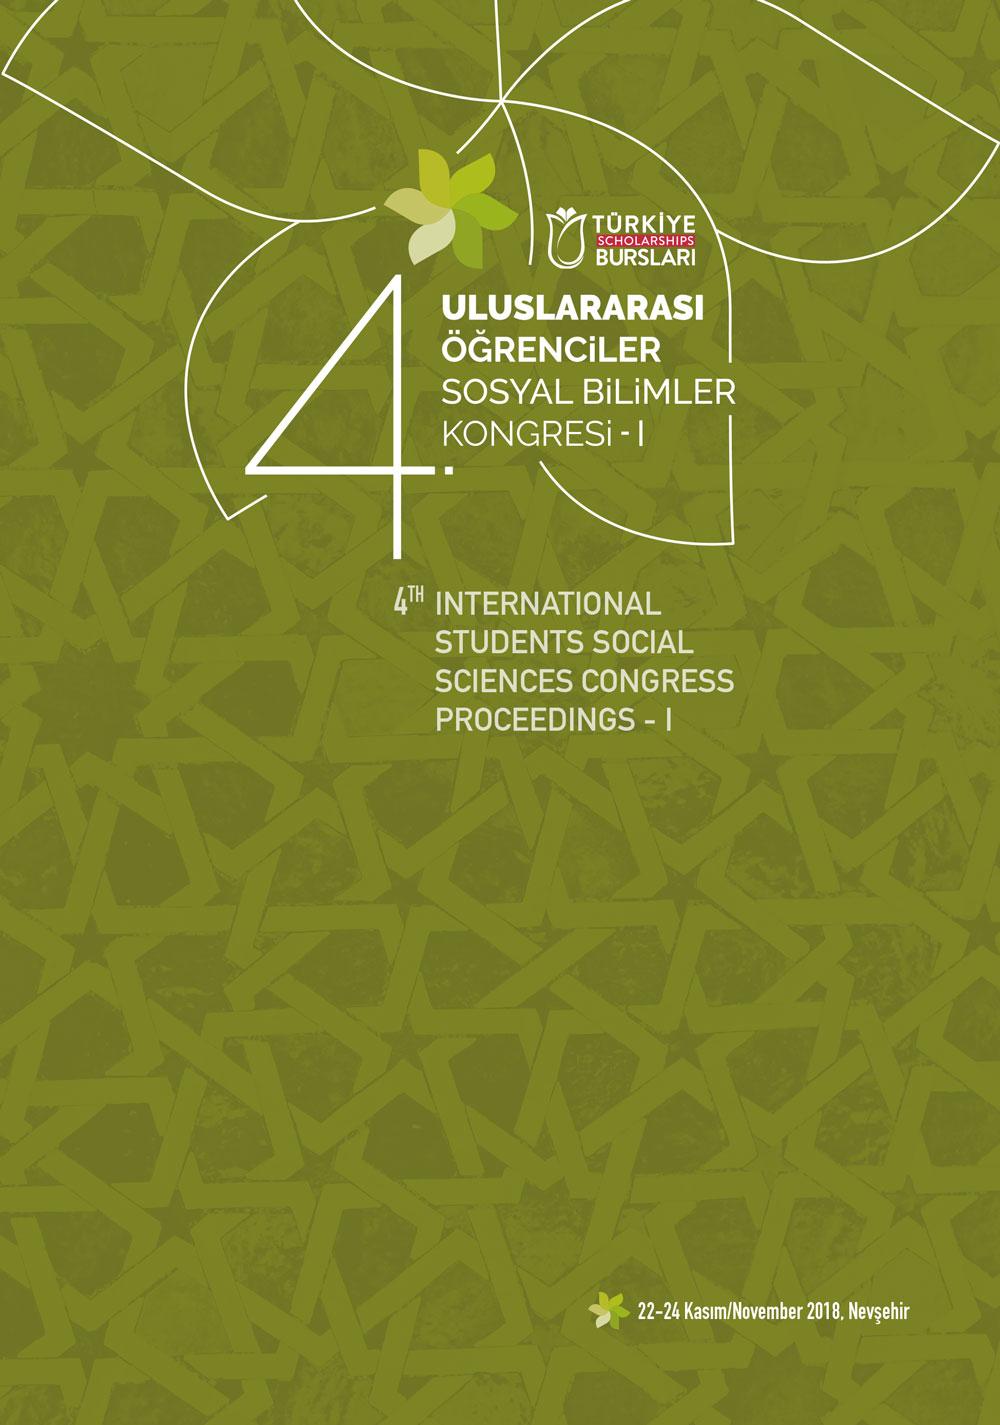 4. Uluslararası Öğrenciler Sosyal Bilimler Kongresi Bildiriler Kitabı